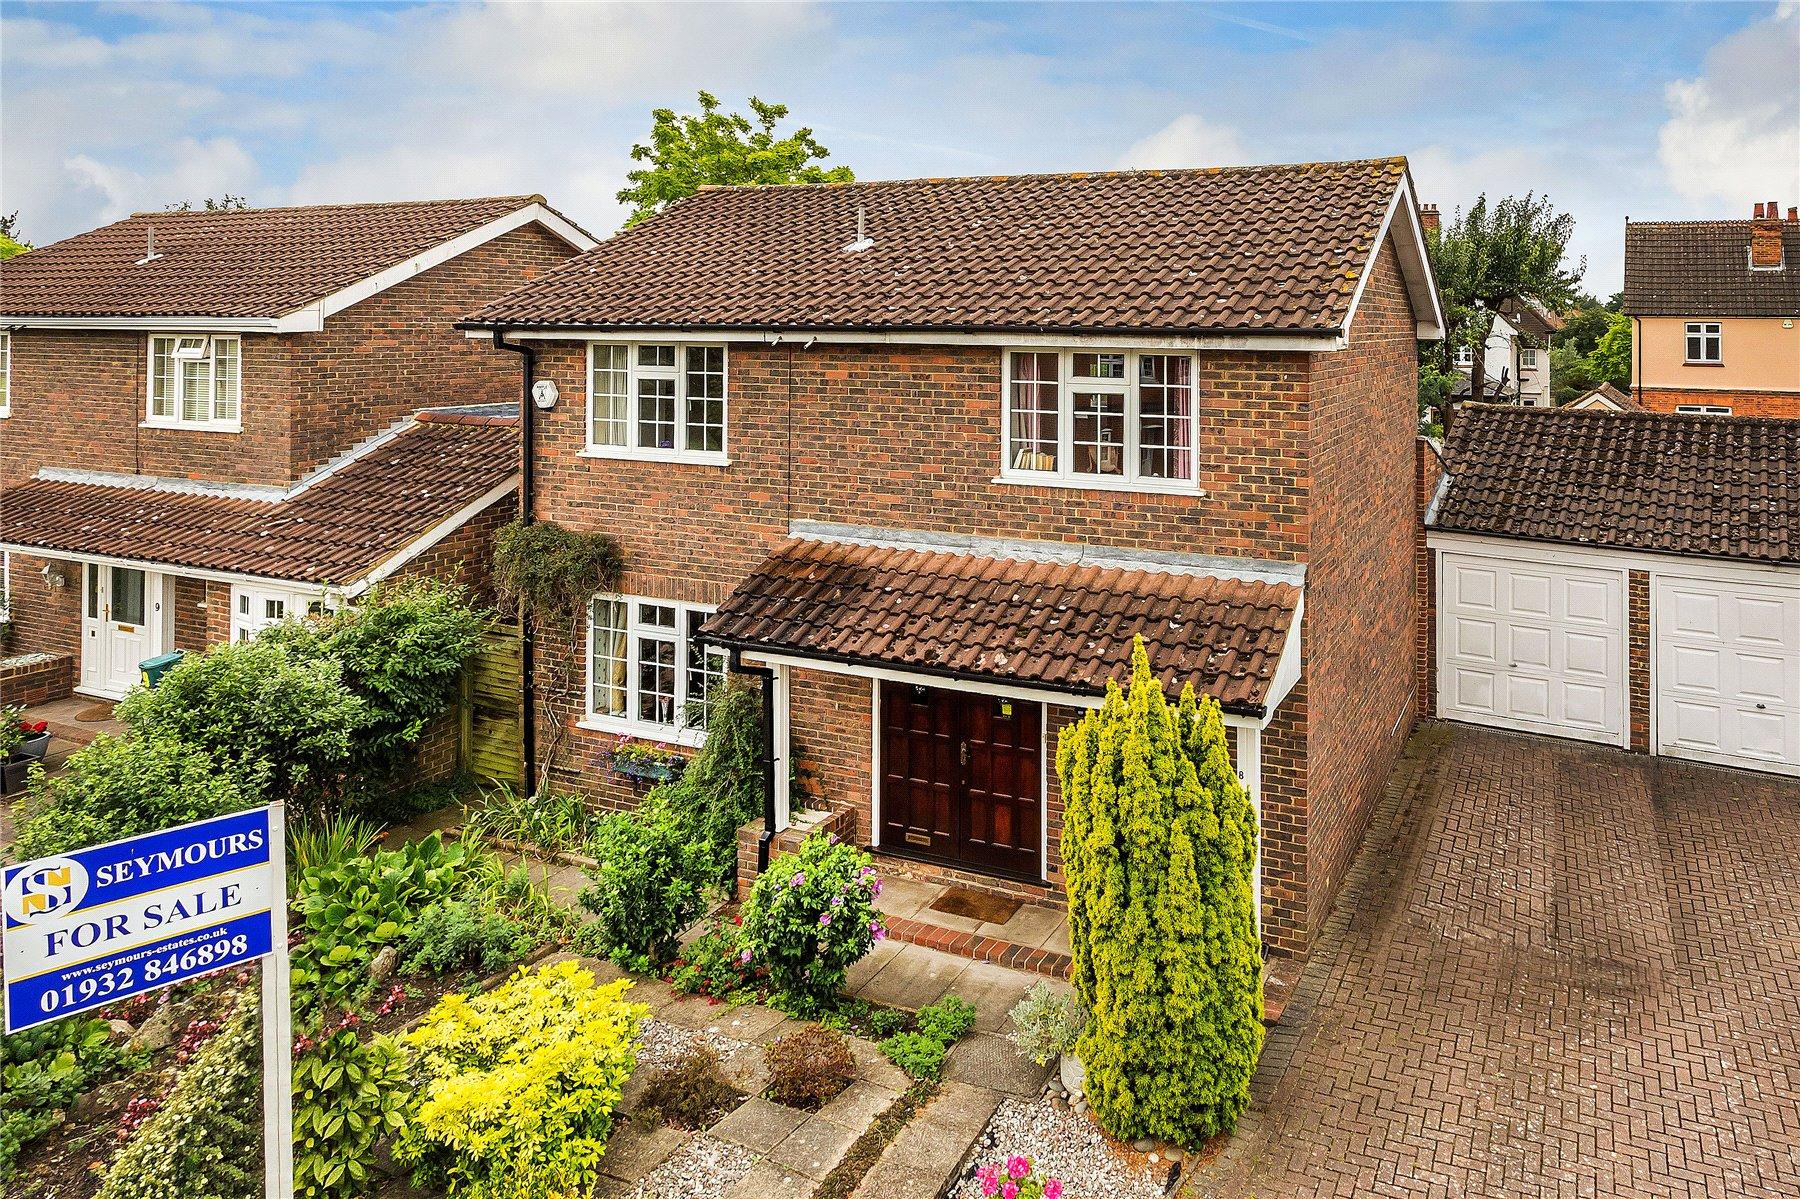 4 Bedrooms House for sale in Darnley Park, Weybridge, Surrey, KT13